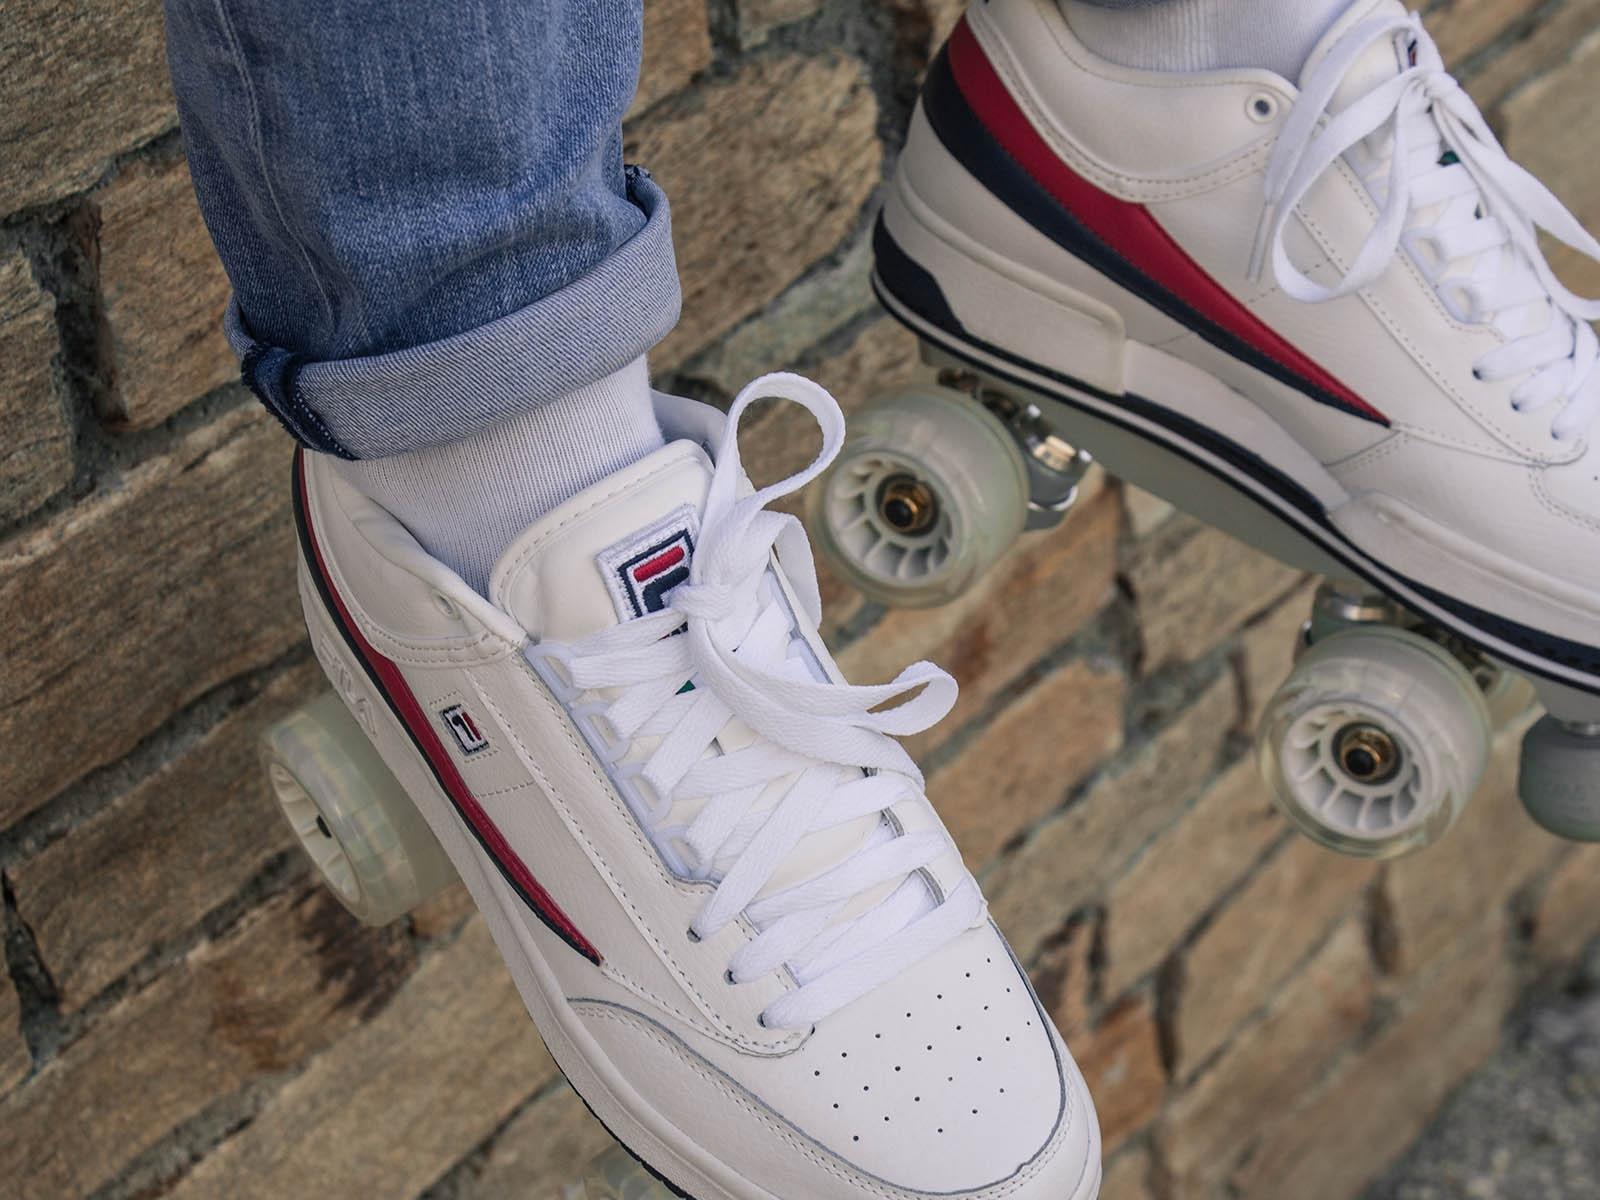 De Pour Blog Paire Roller Quelle Pratique Du Chaussures PXlwuOiTkZ